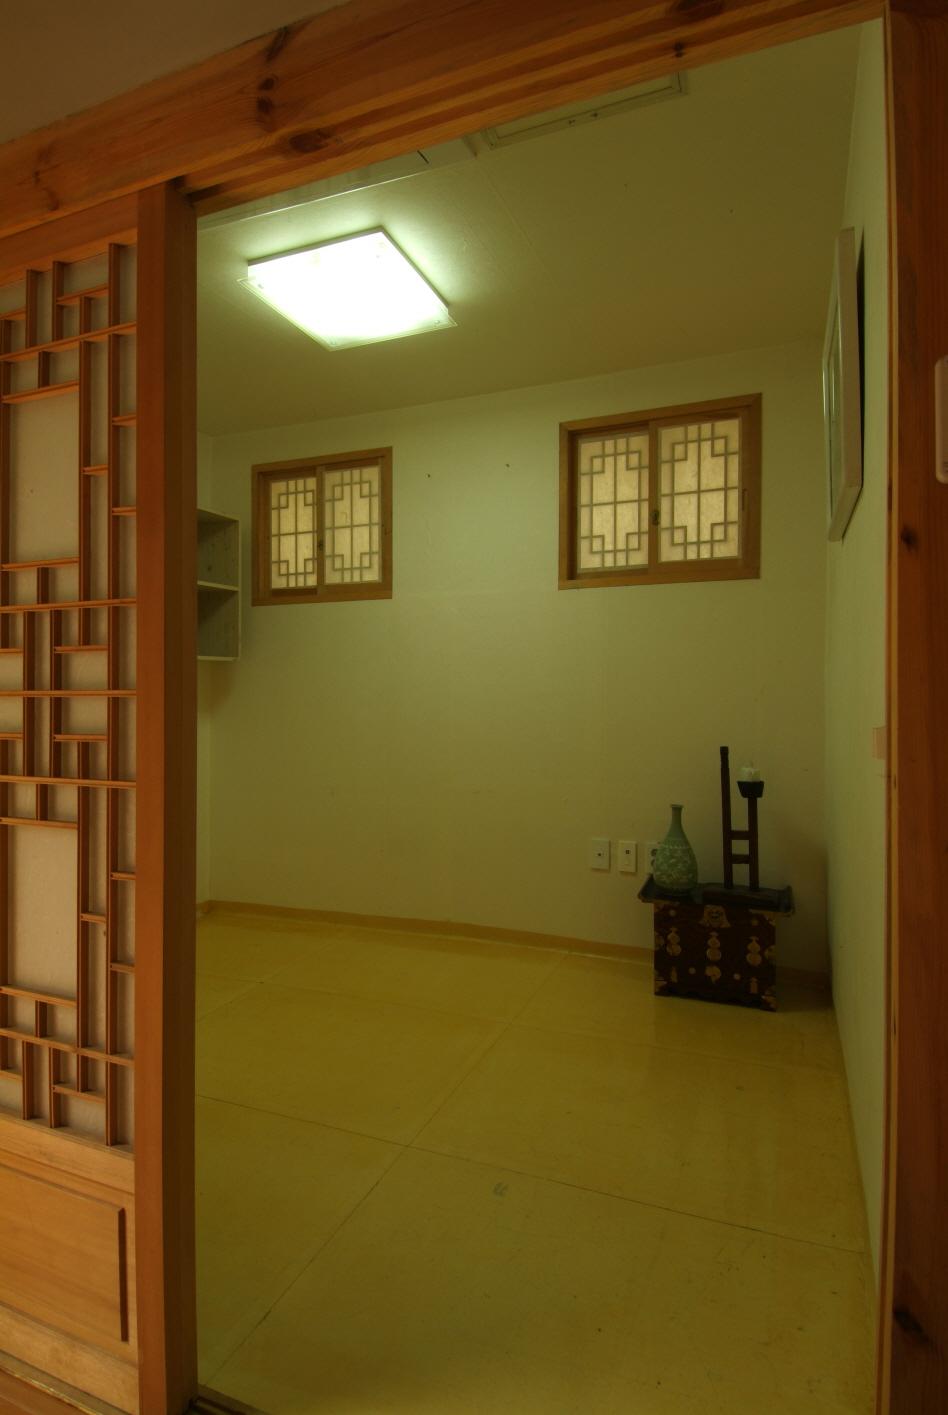 Moon Guesthouse (문게스트하우스)